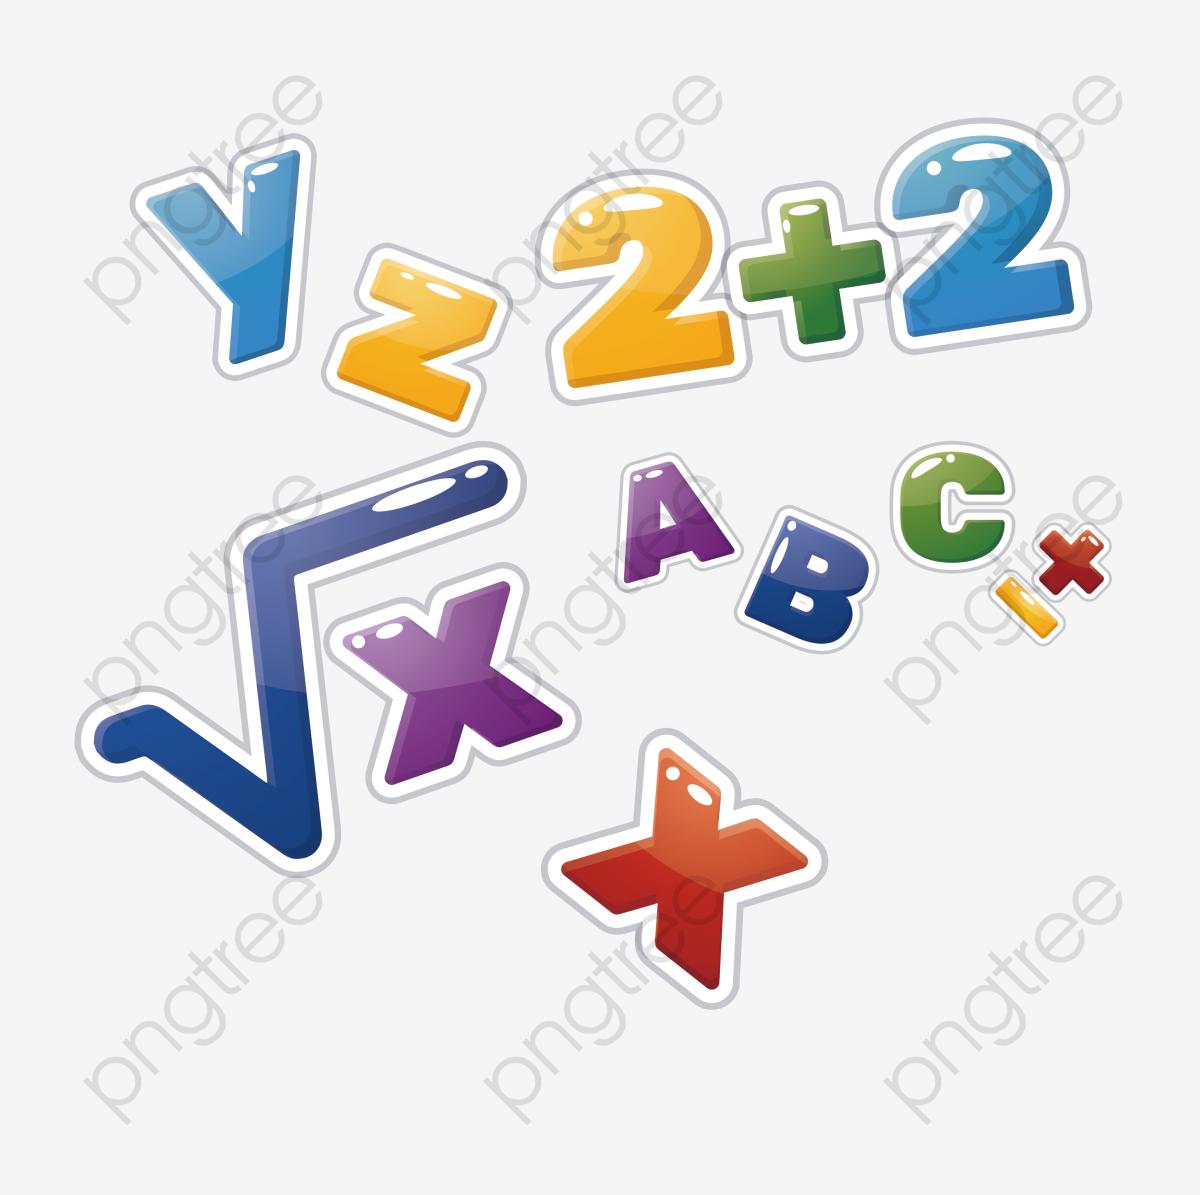 jolie petite math u00e9matique lettres num u00e9rique  u00e9cole png et vecteur pour t u00e9l u00e9chargement gratuit